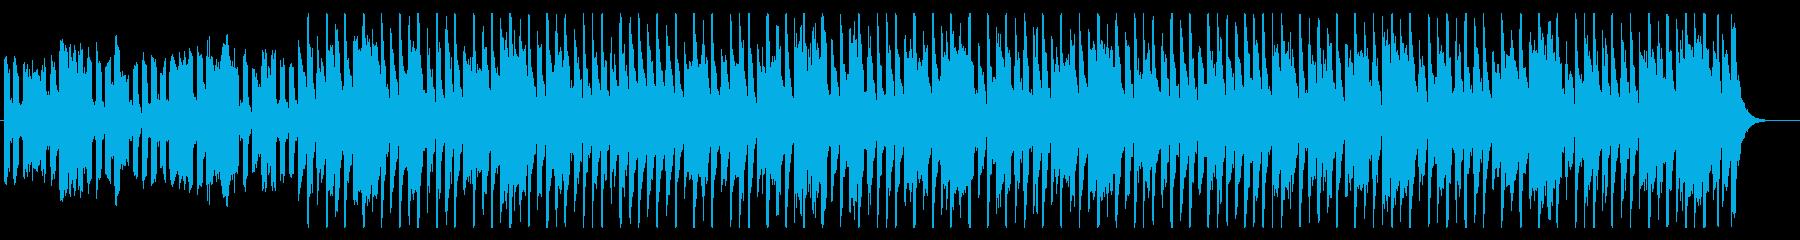 スピード感のある明暗の同居するEDMの再生済みの波形